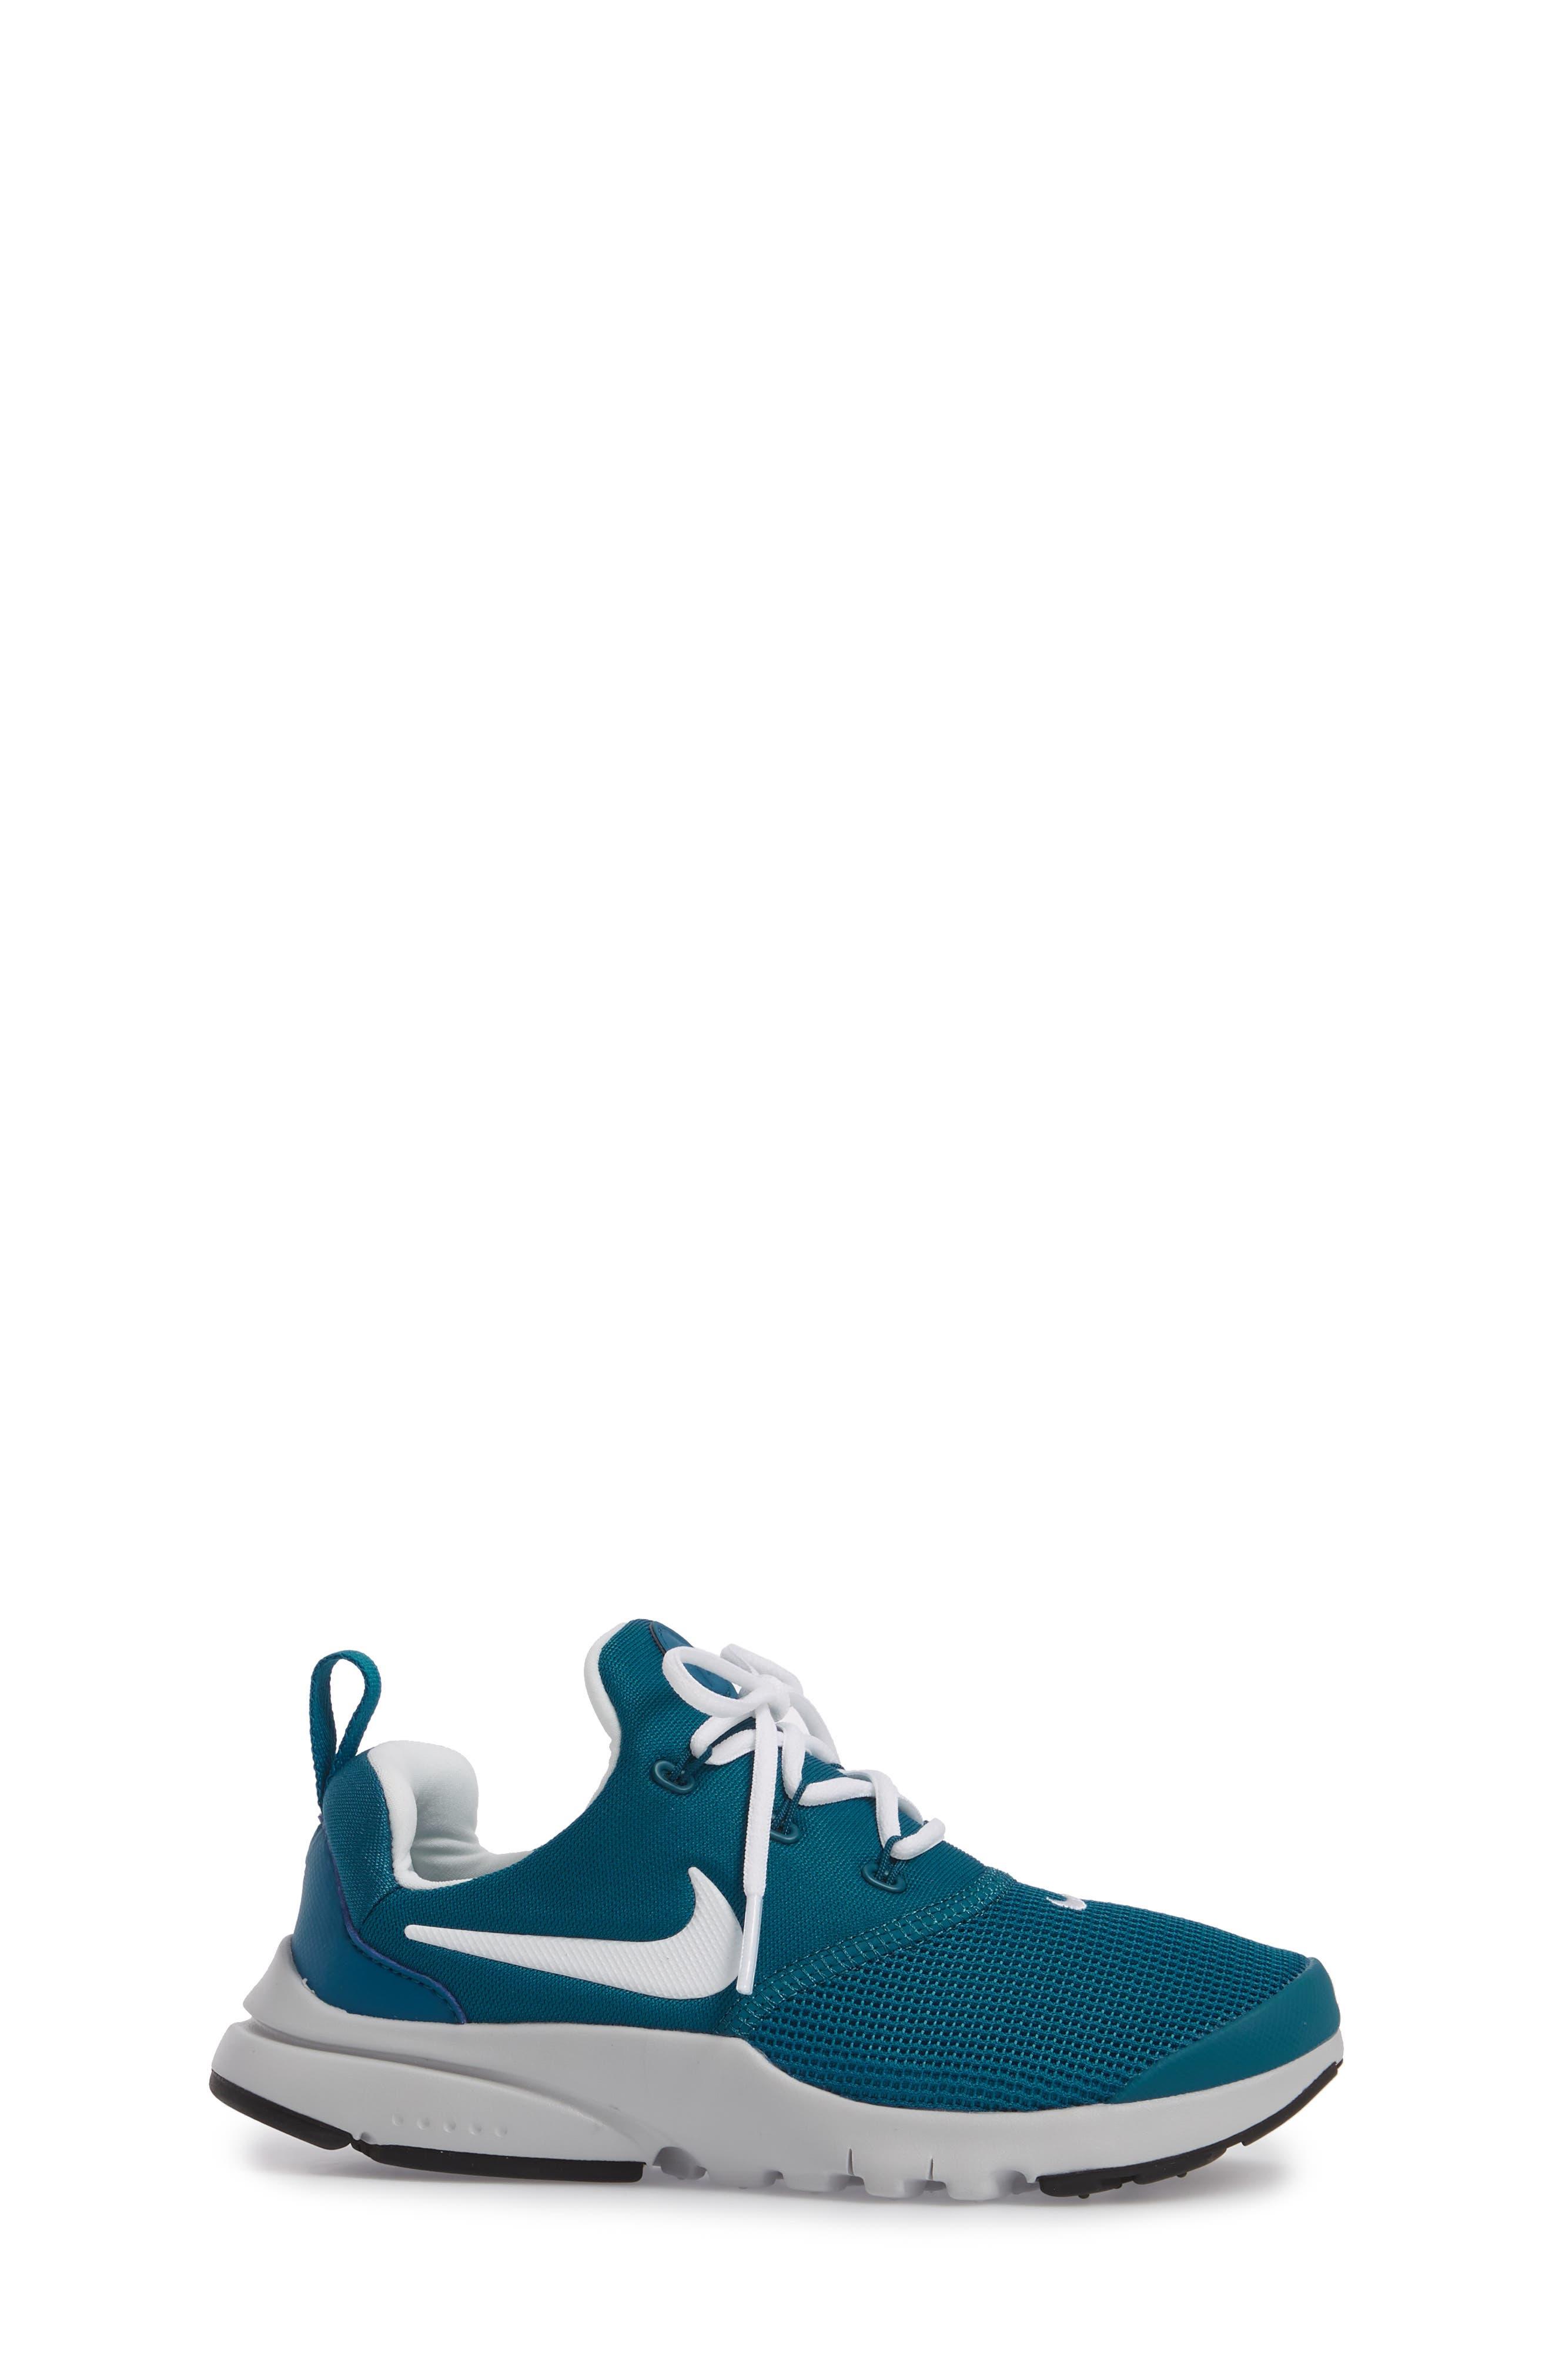 Alternate Image 3  - Nike Presto Fly Sneaker (Toddler & Little Kid)